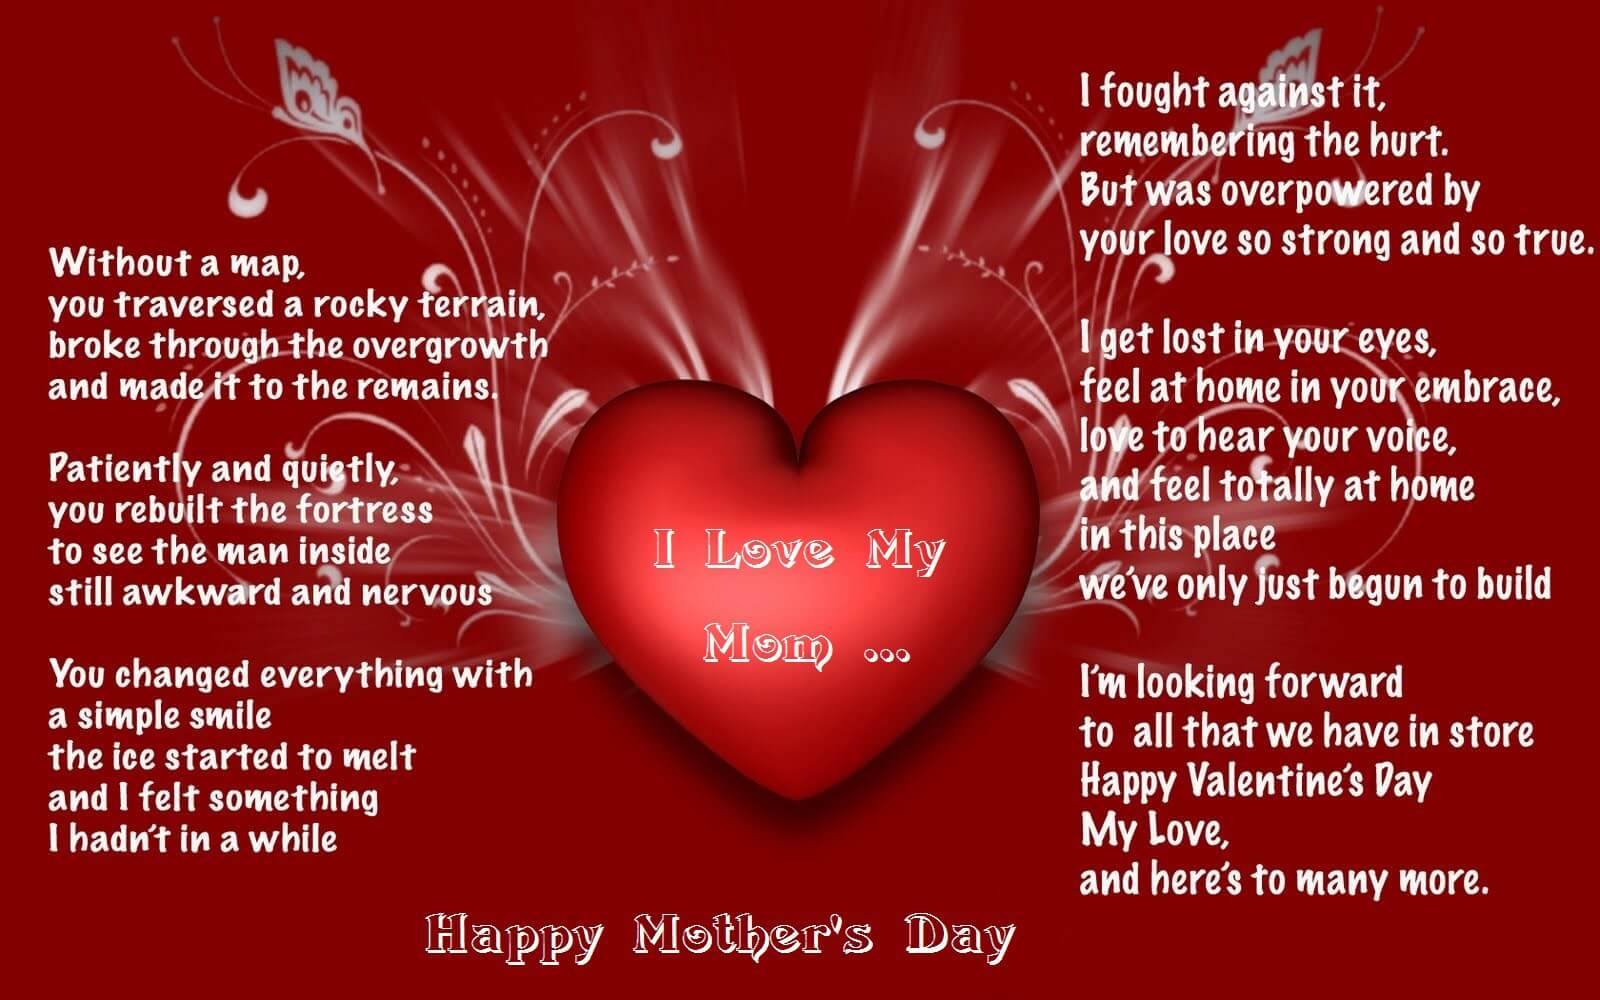 happy mothers day wishes poet hd wallpaper desktop